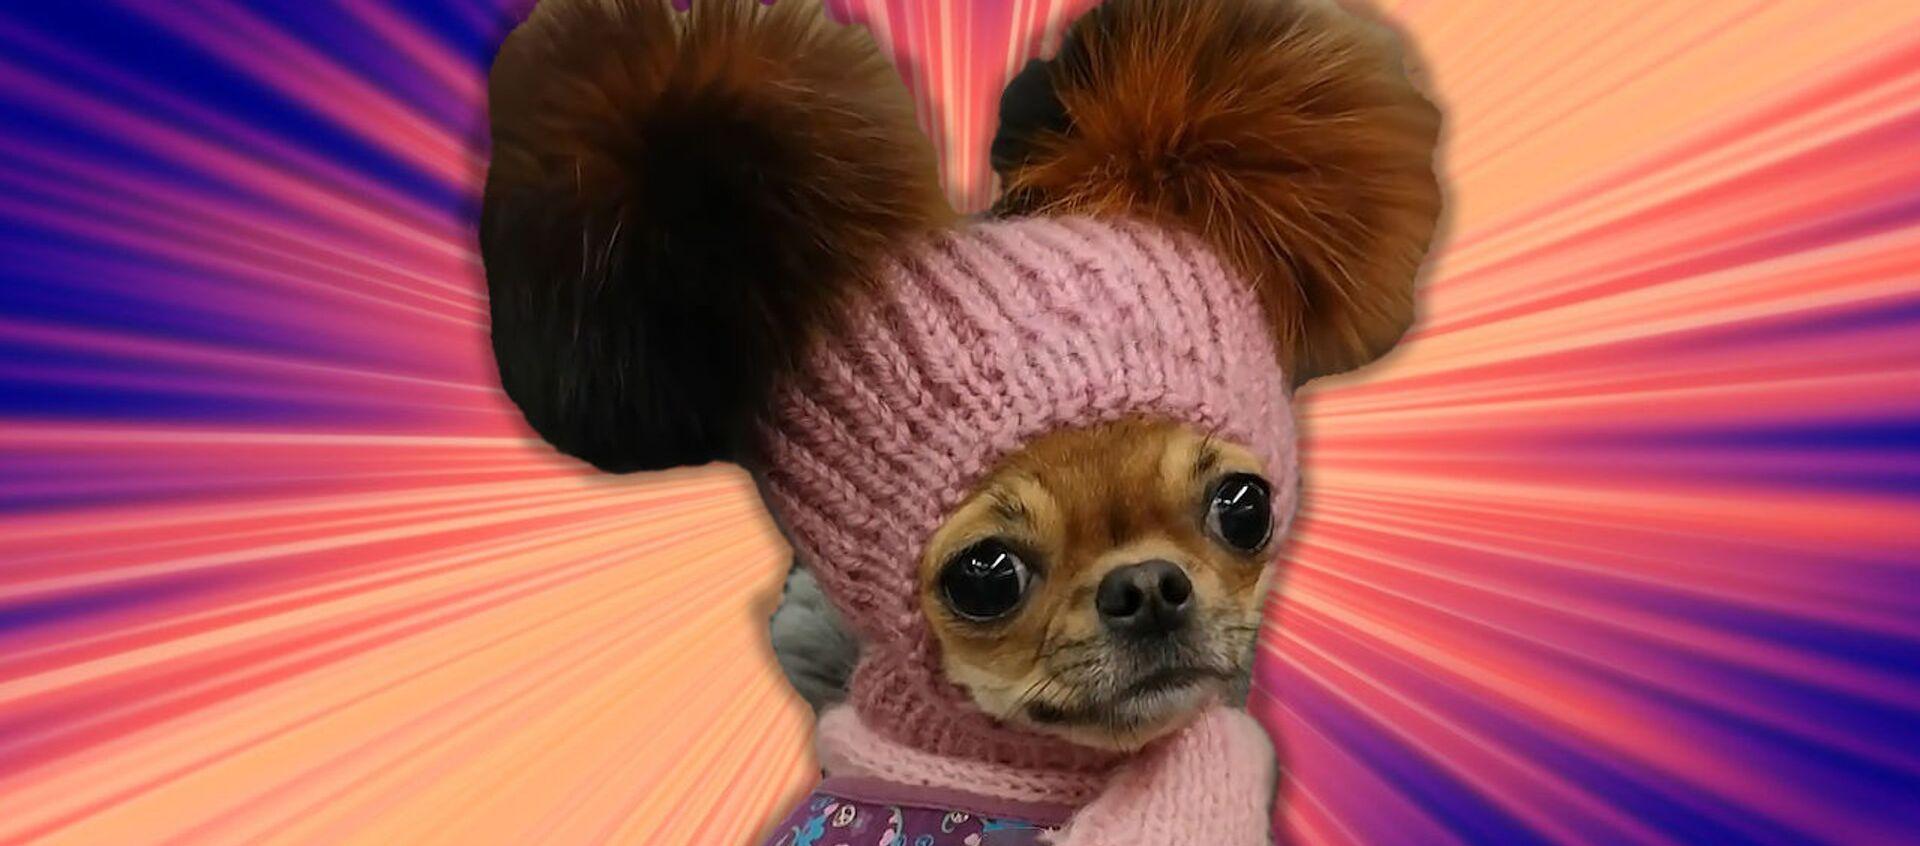 Валенки и шапочки для собак: сибирячка  утепляет четвероногих друзей - видео - Sputnik Беларусь, 1920, 21.02.2021